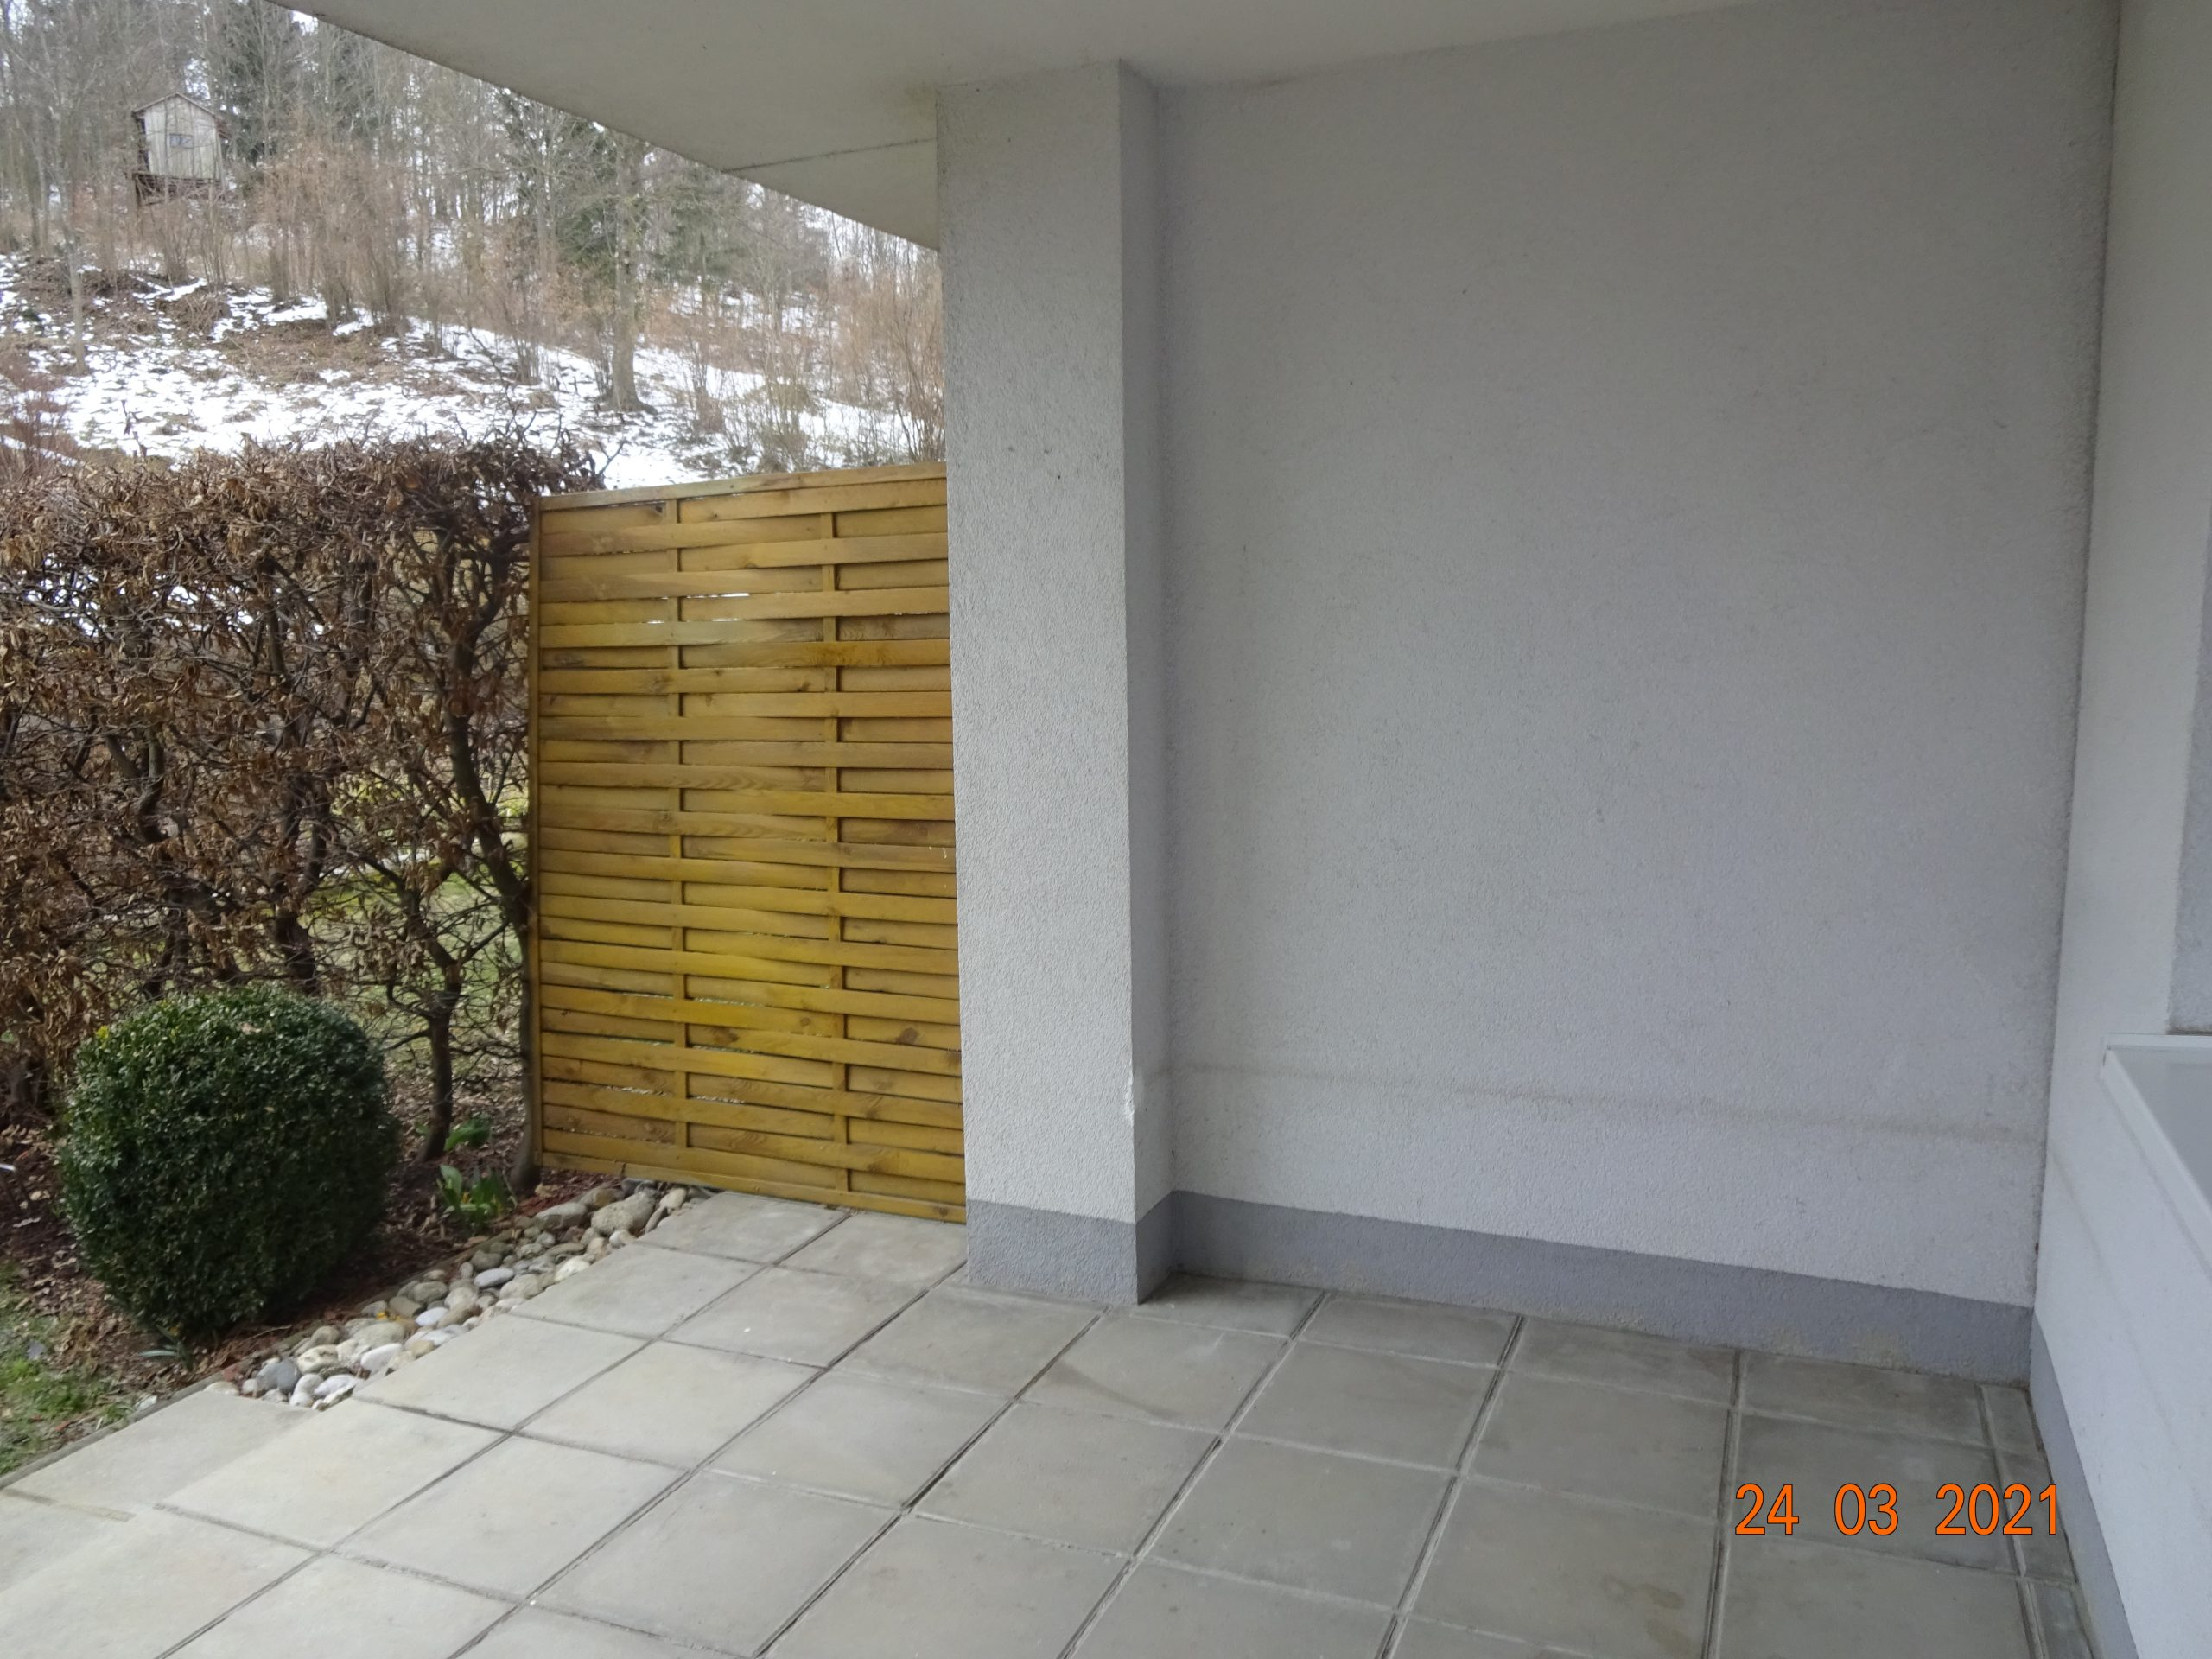 Immobilie von Kamptal in 3613 Albrechtsberg an der Großen Krems, Krems(Land), Albrechtsberg I/1 - Top 202 #2